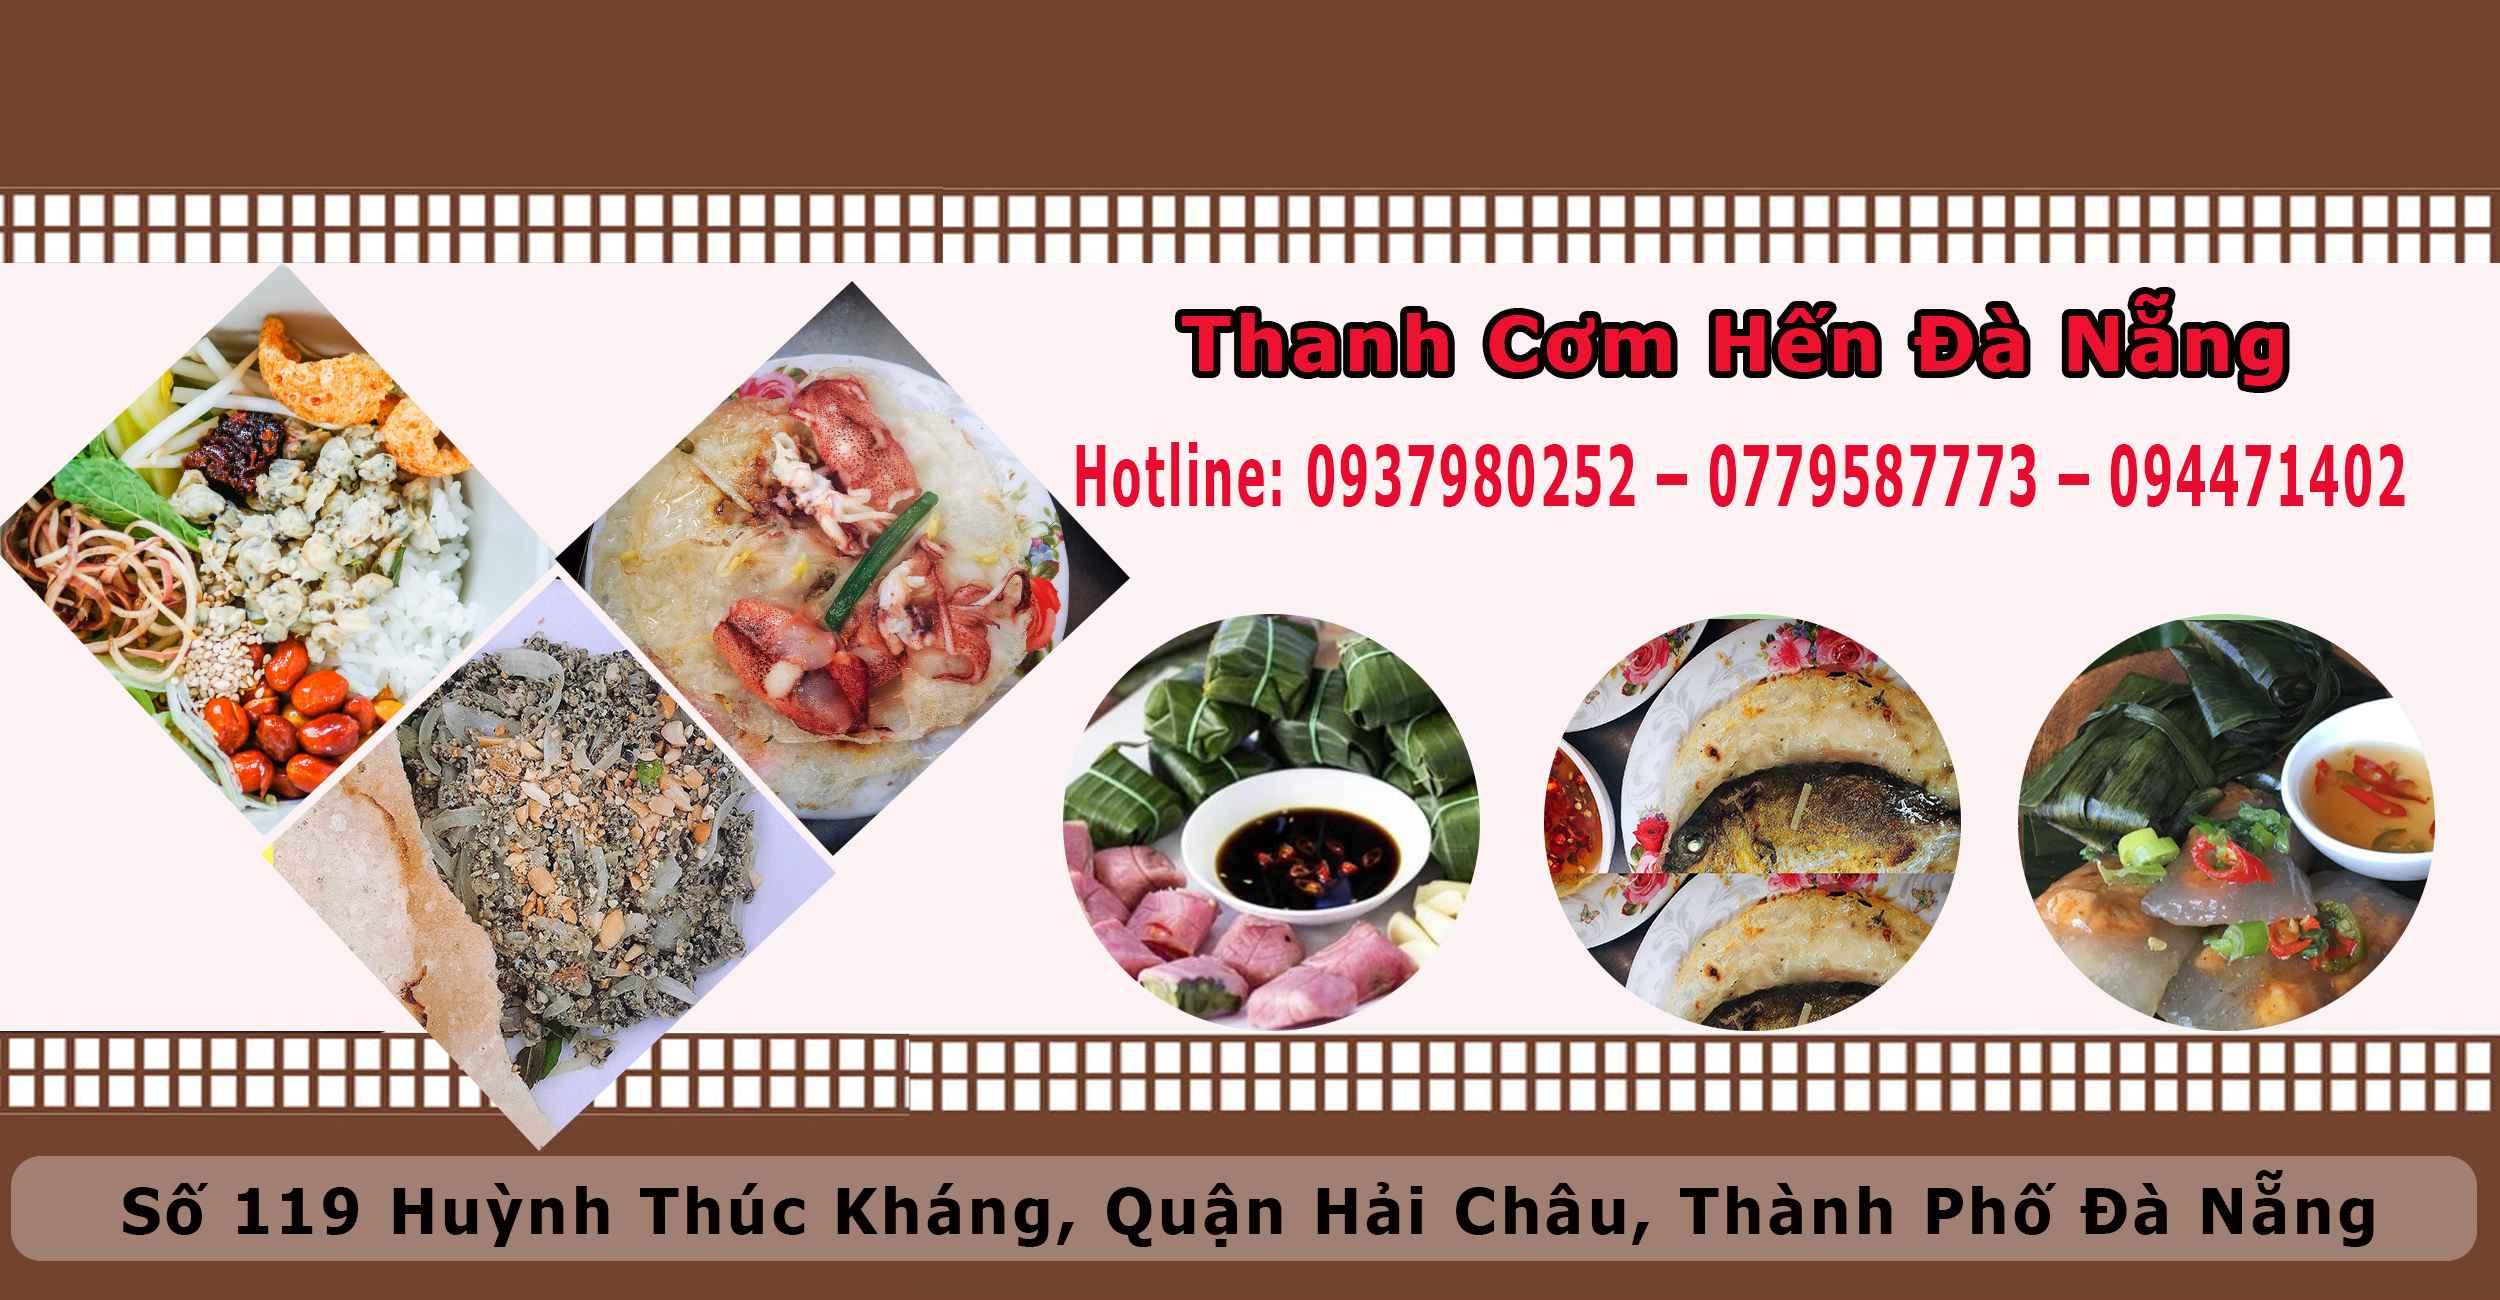 banner-com-hen-thuong